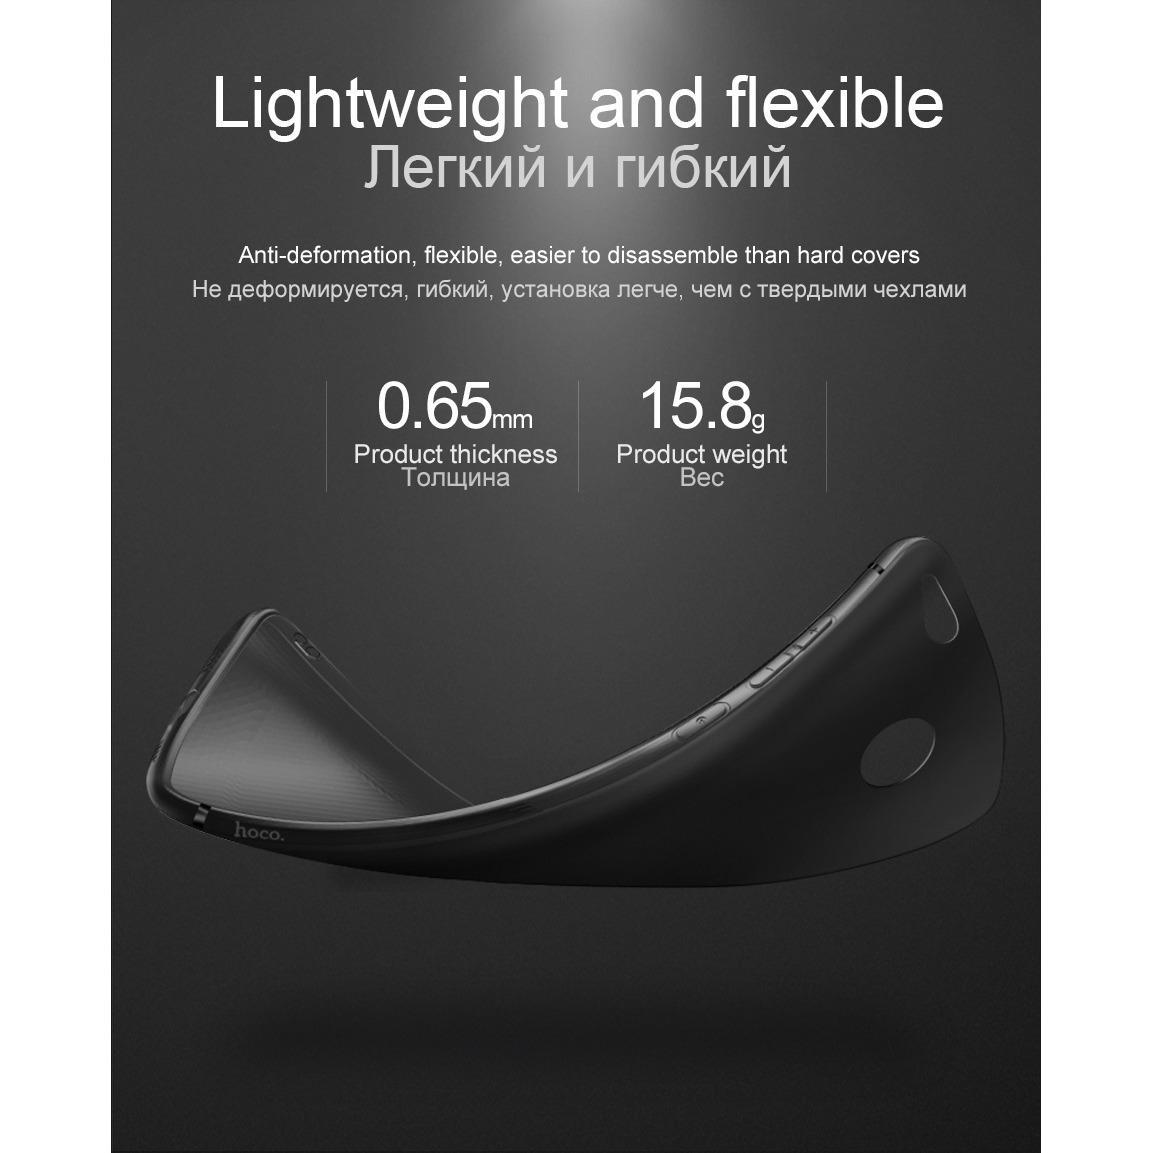 ... Case Iphone 6s Plus 6 Plus Slim Matte Premium Soft Case TPU Cover - 4